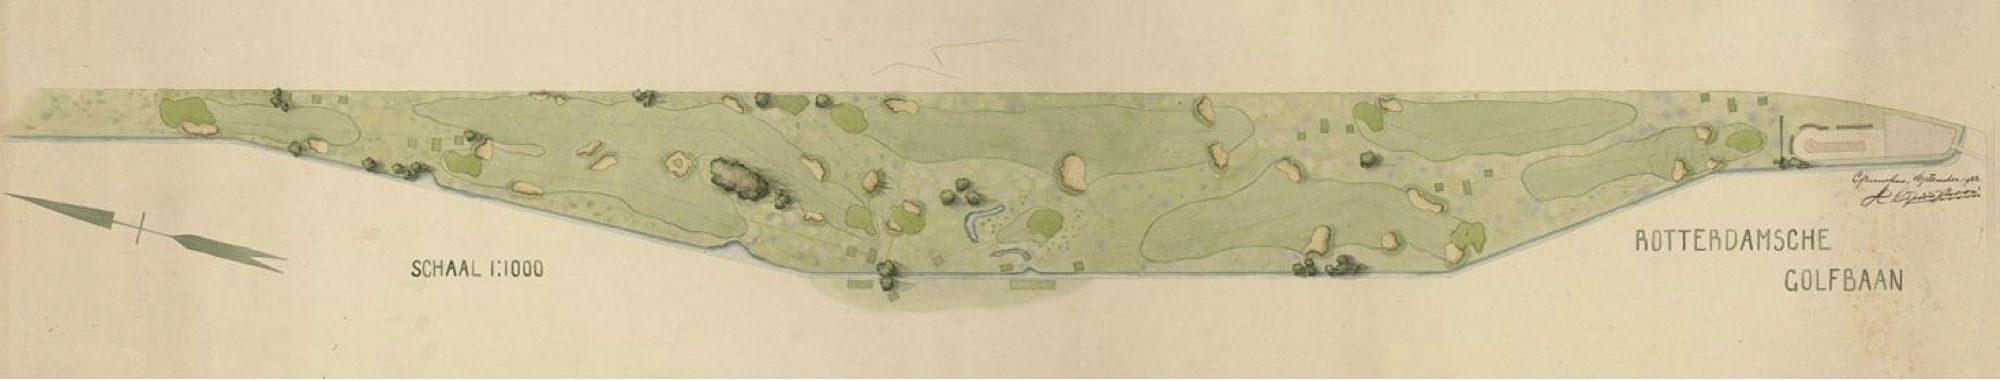 Tekening van de Rotterdamsche Golfbaan 1933